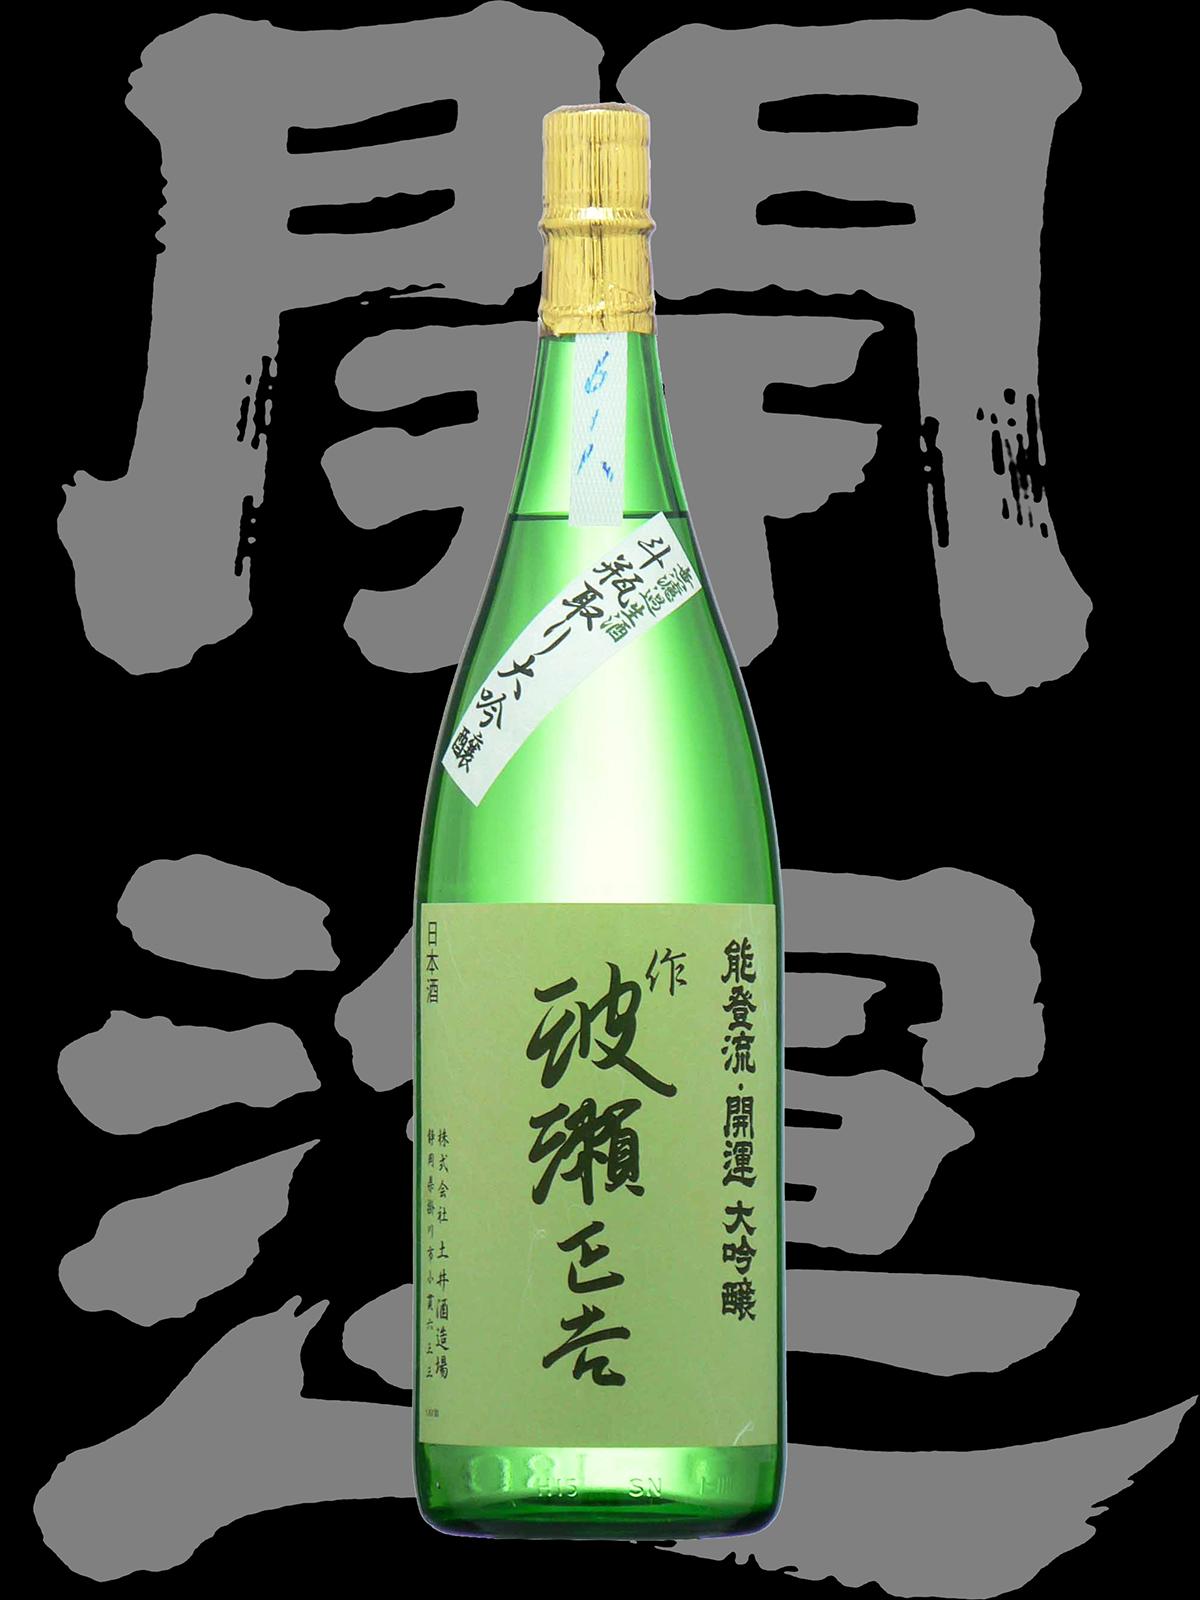 開運(かいうん)「大吟醸」波瀬正吉 斗瓶取り無濾過生酒6号タンク